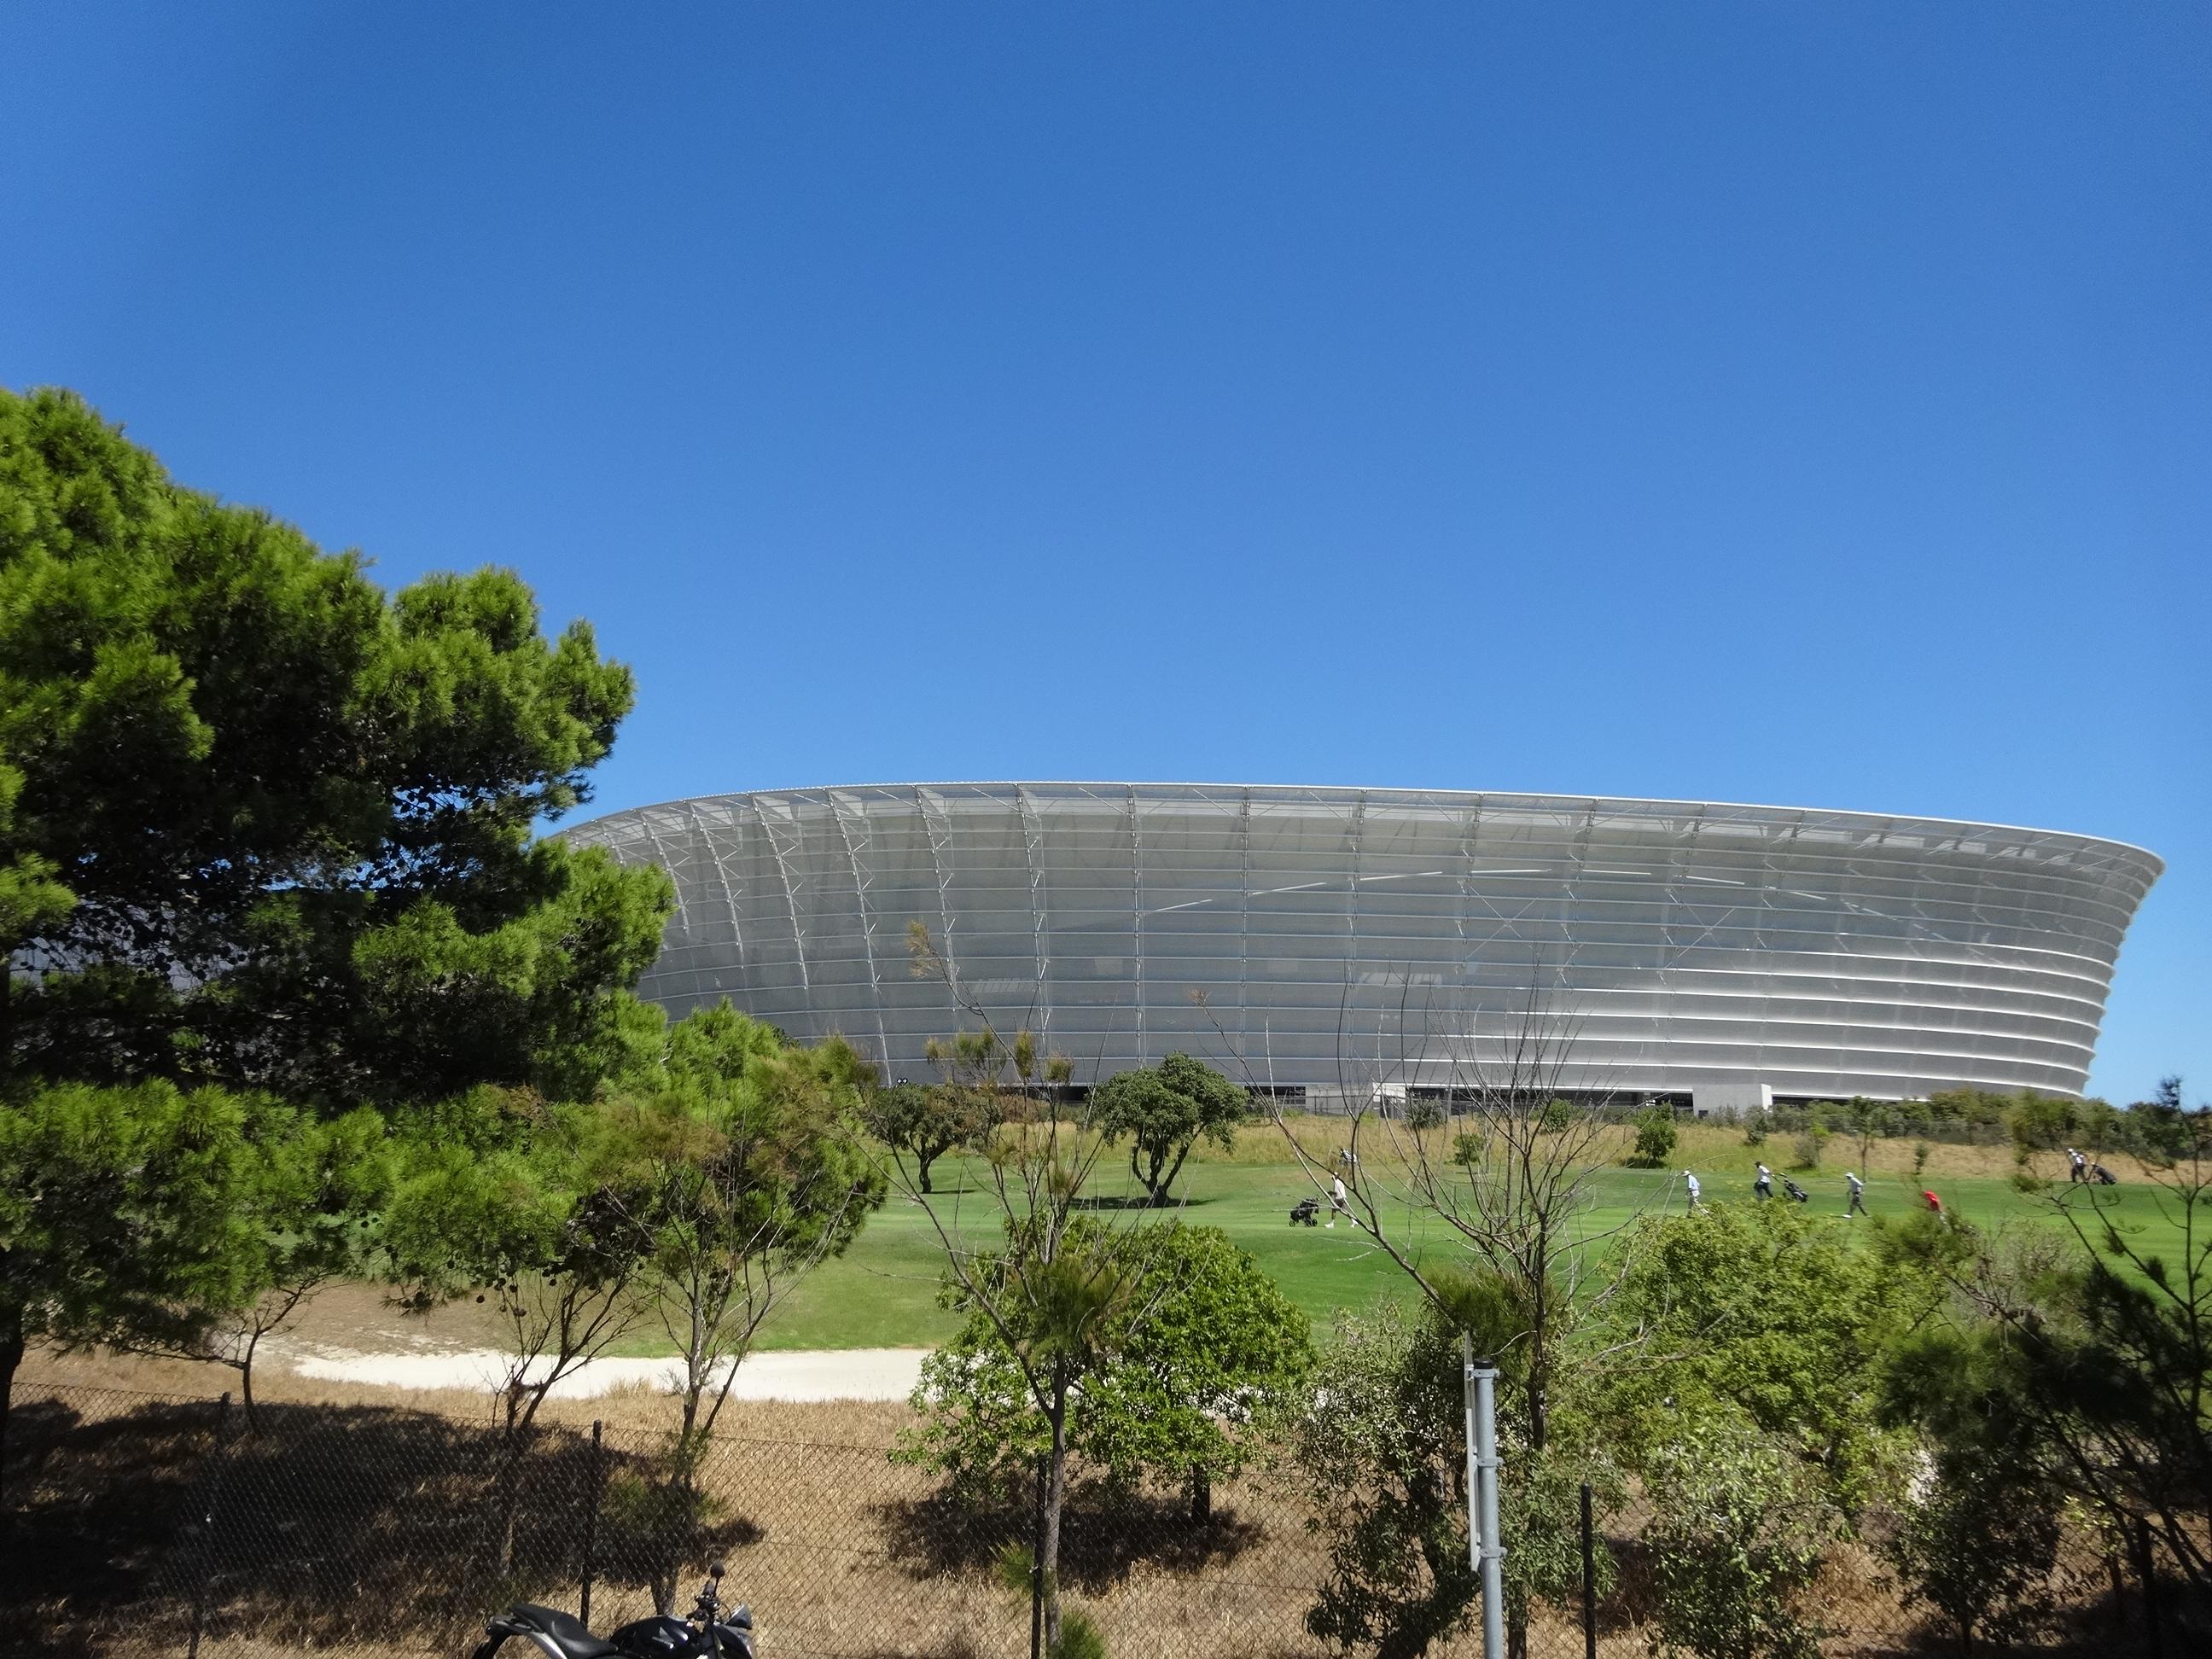 Het stadion van Kaapstad